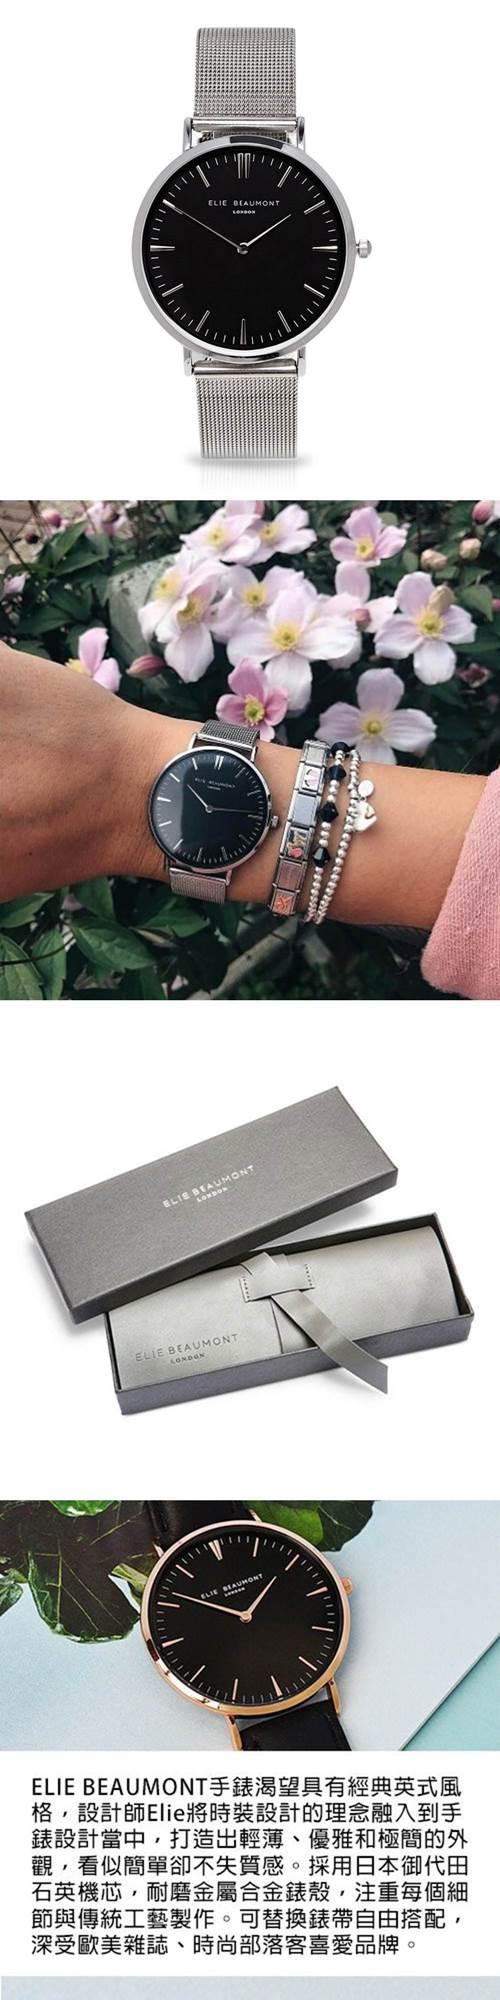 (複製)Elie Beaumont 英國時尚手錶 牛津米蘭錶帶系列 白錶盤x銀色錶帶錶框33mm